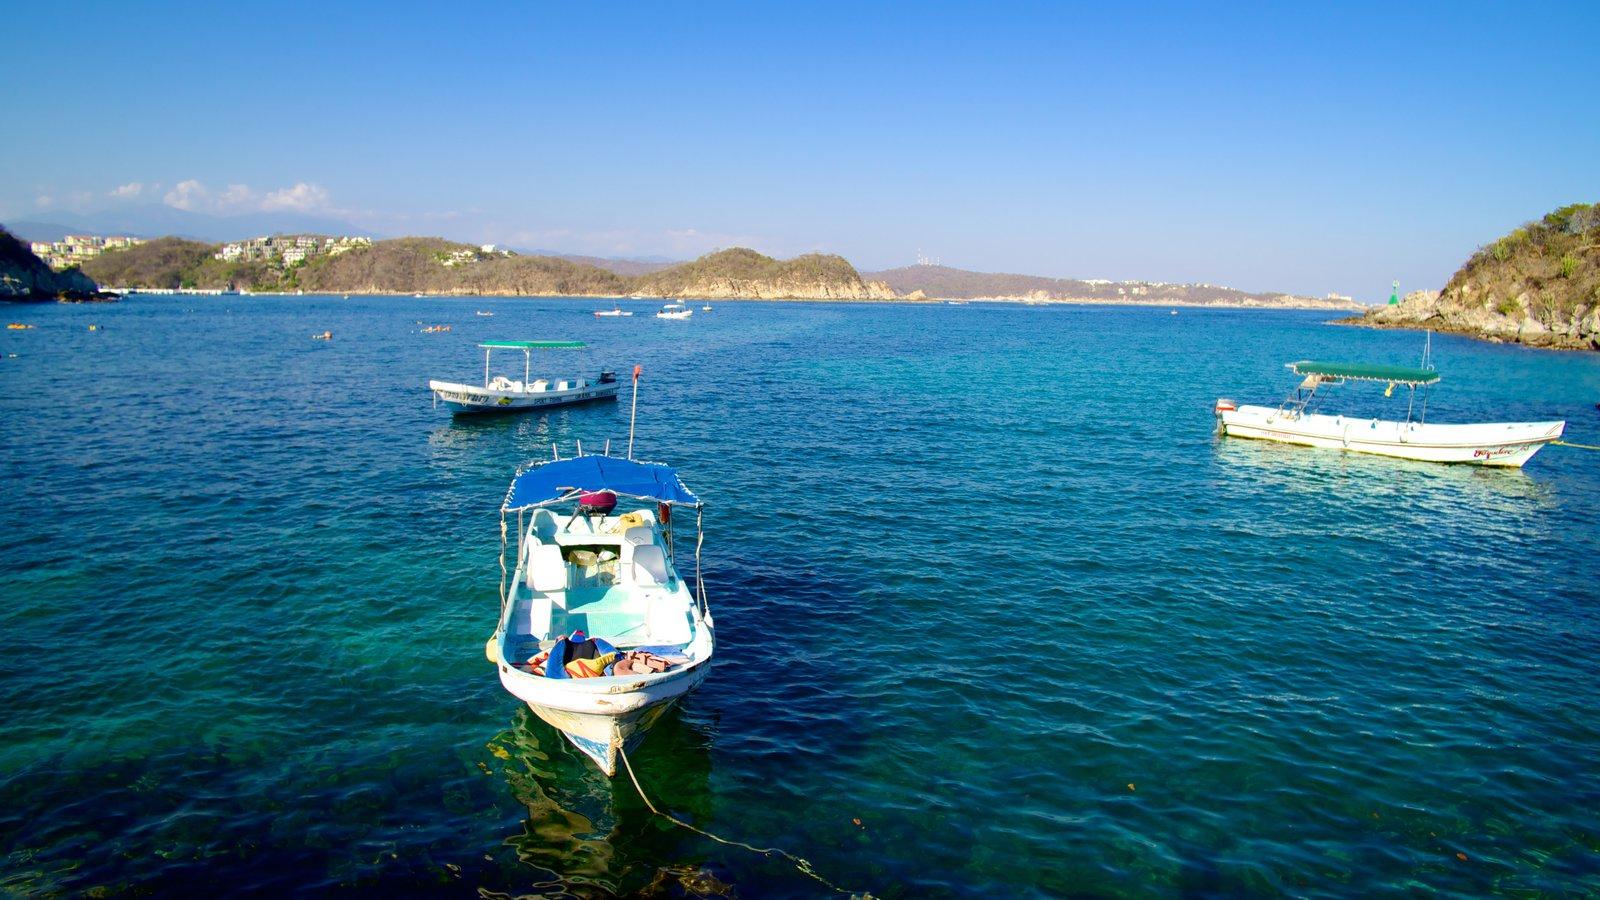 playa la entrega mostrando vistas generales de la costa vistas de paisajes y paseos en